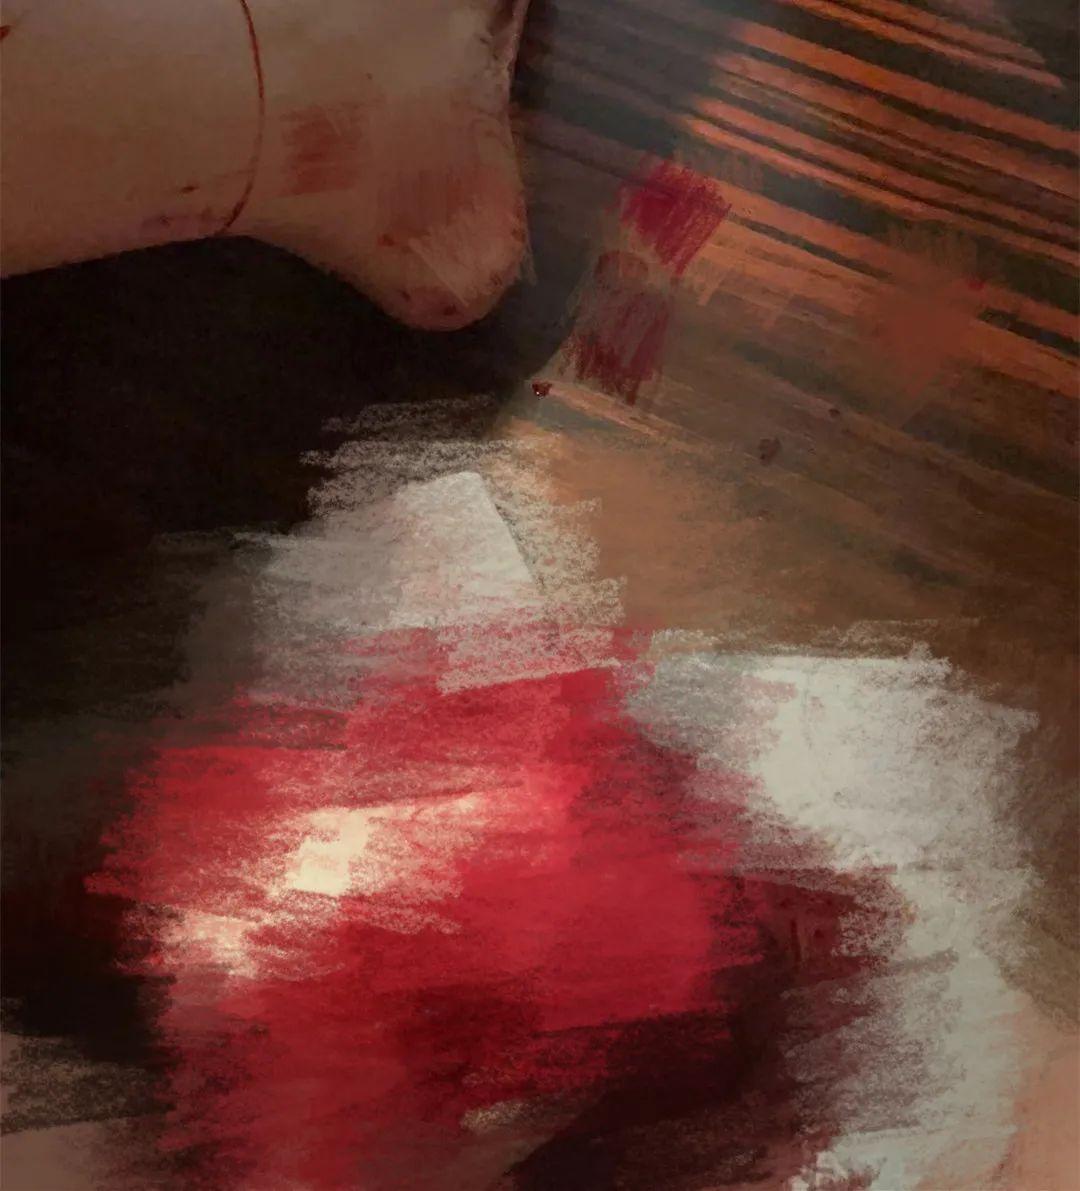 让医生踩在刀尖上的「中央型前置胎盘」, 到底有多「凶」?